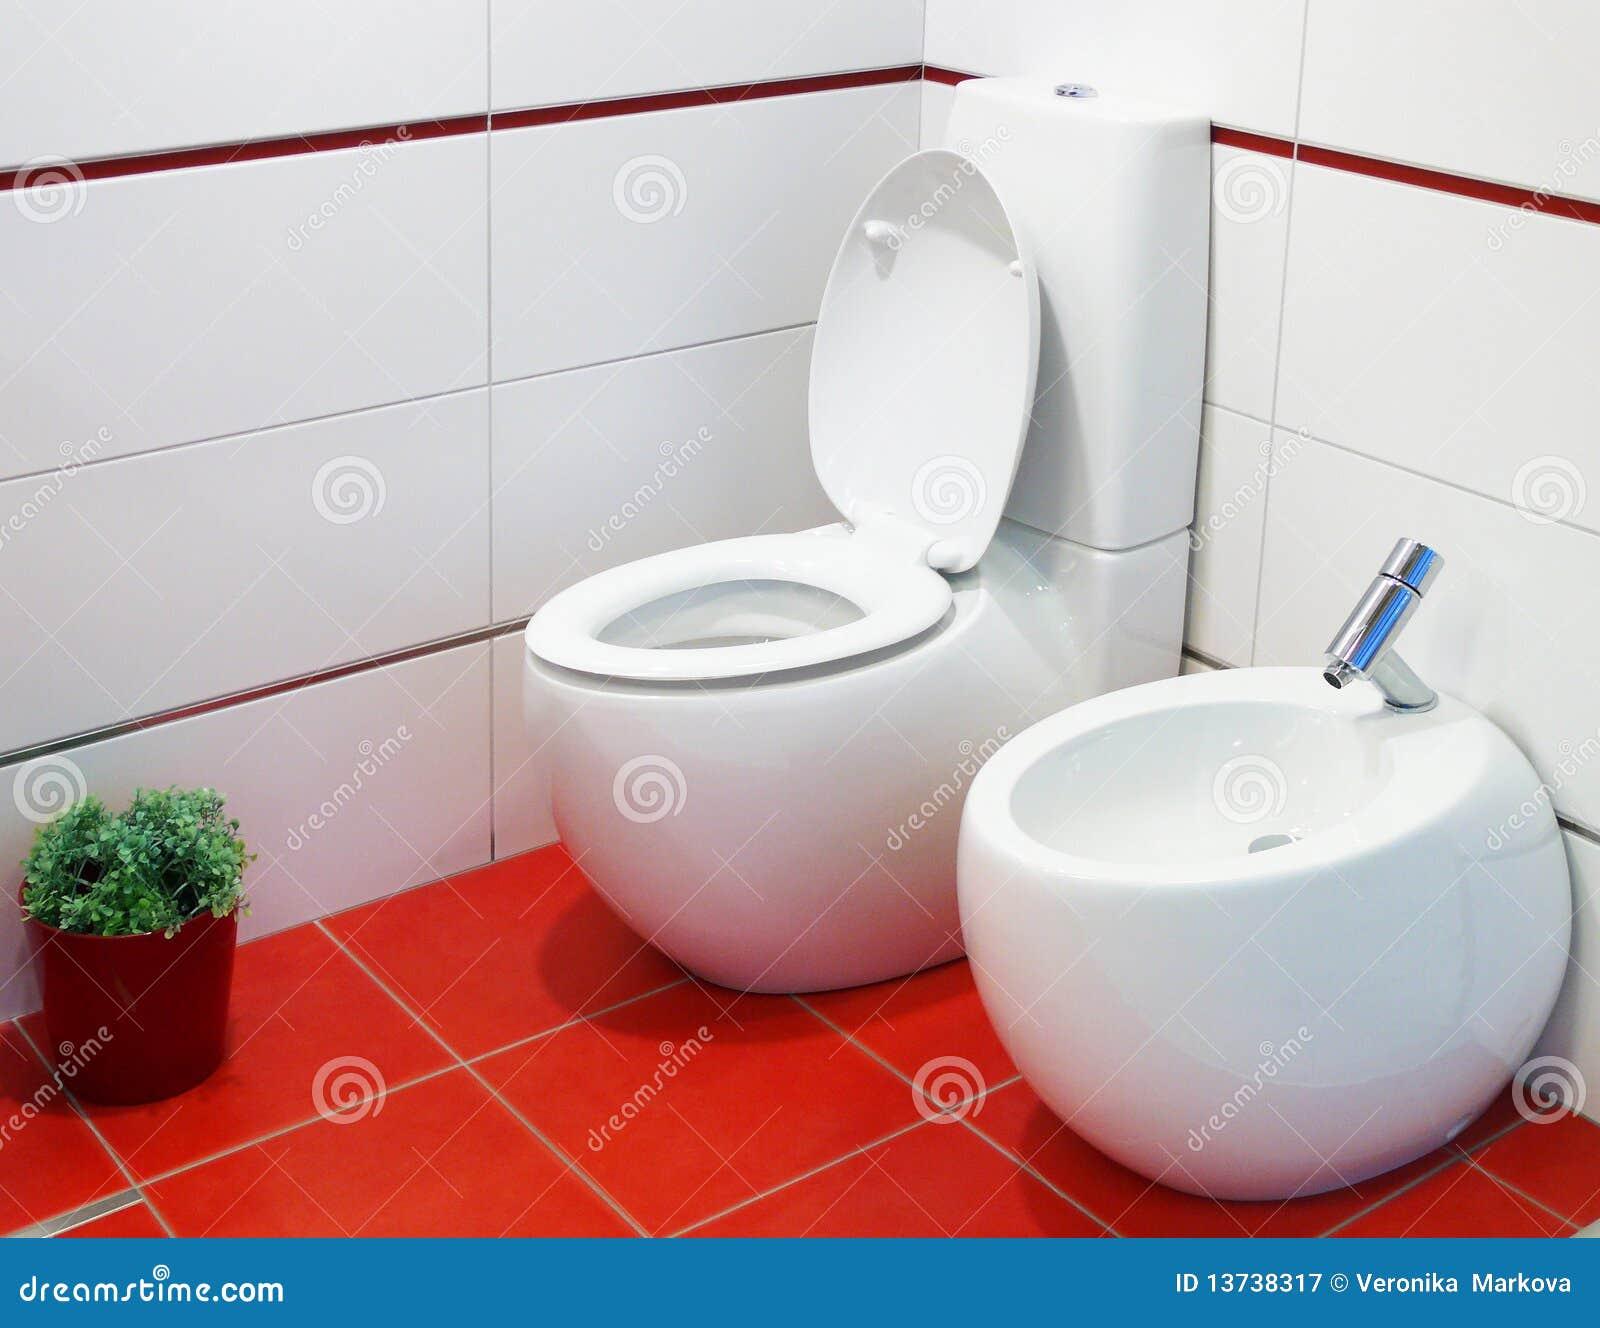 modern designer toilet. modern designer toilet stock image image of modern elegance